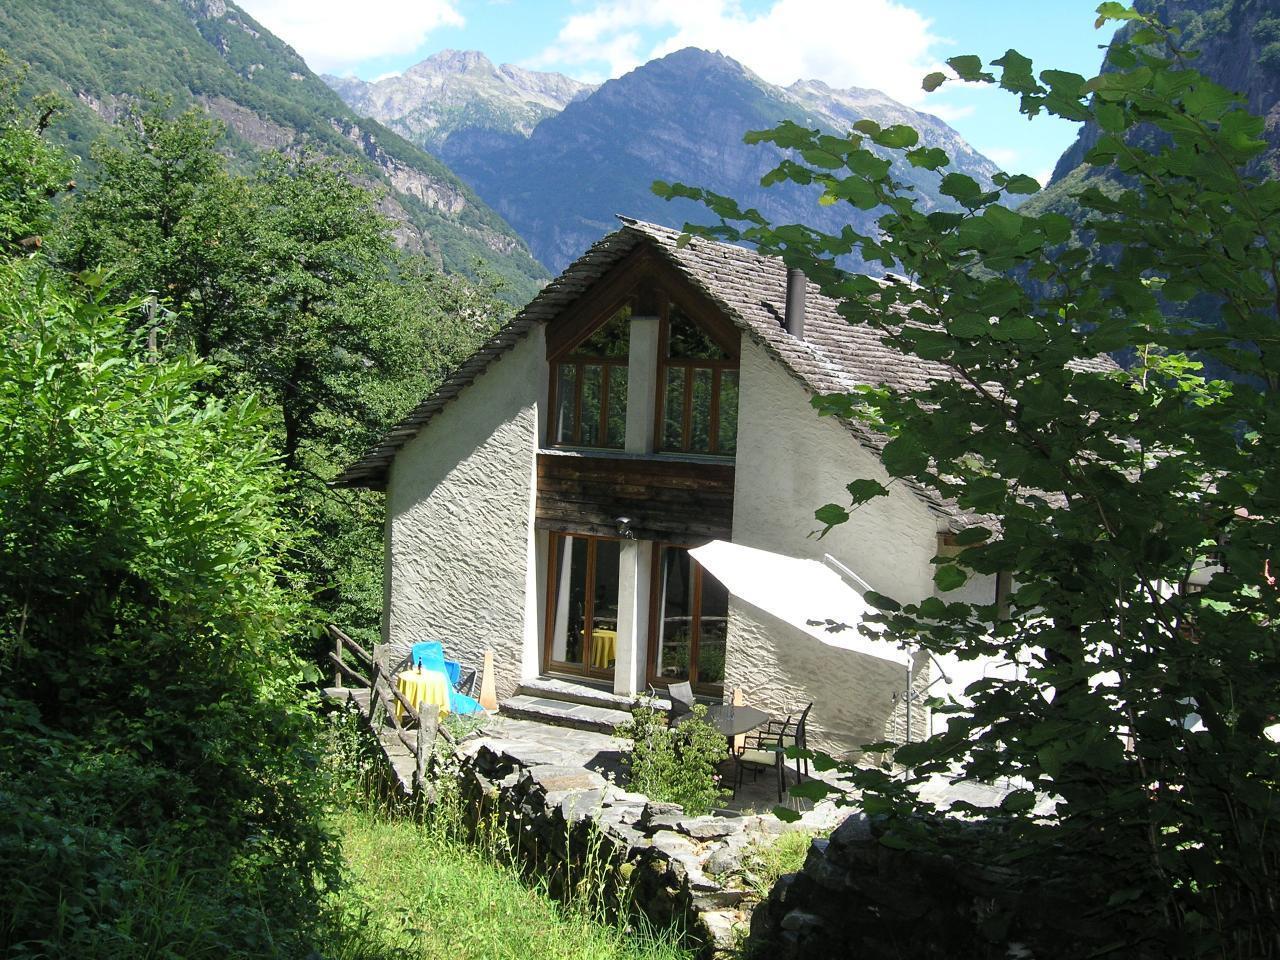 Ferienwohnung Wohnung Schwalbenschwanz (2535299), Cevio, Maggiatal, Tessin, Schweiz, Bild 11